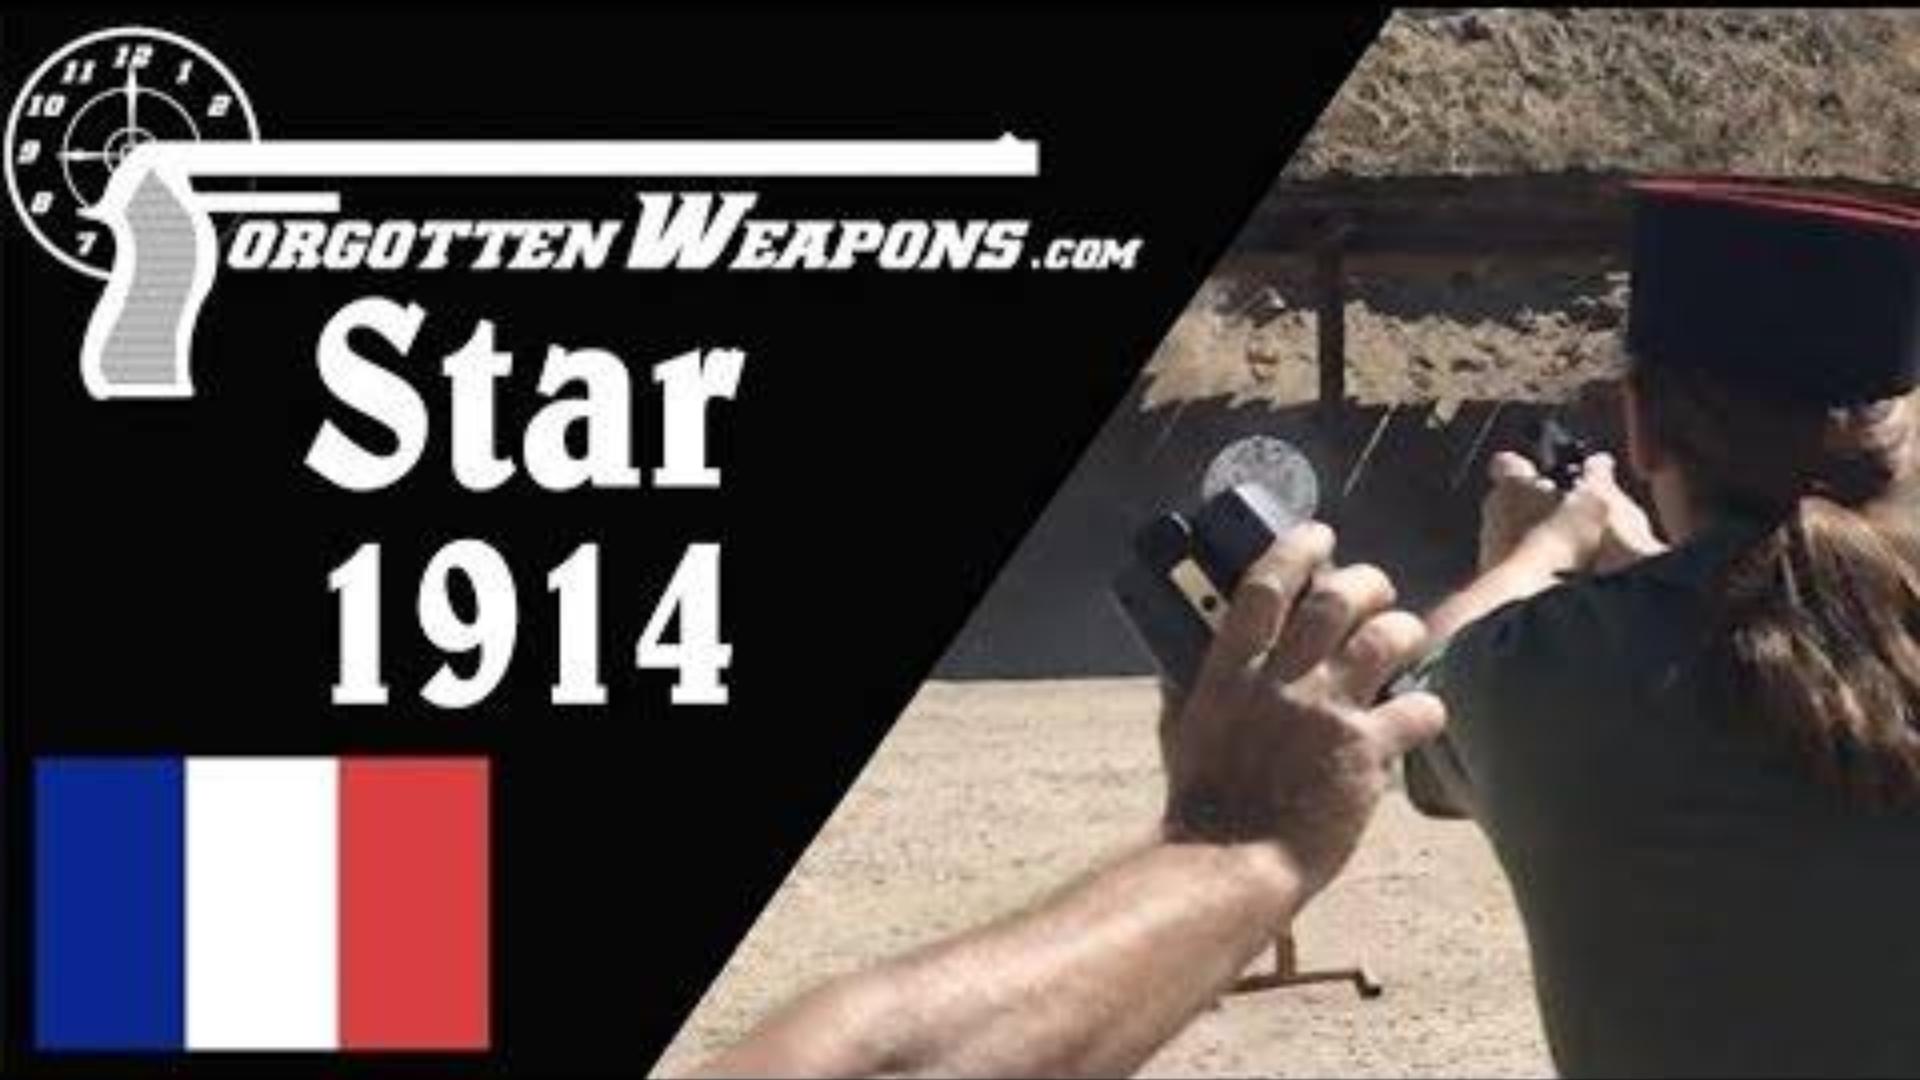 【被遗忘的武器/双语】后备用枪挑战赛--星牌M1914手枪